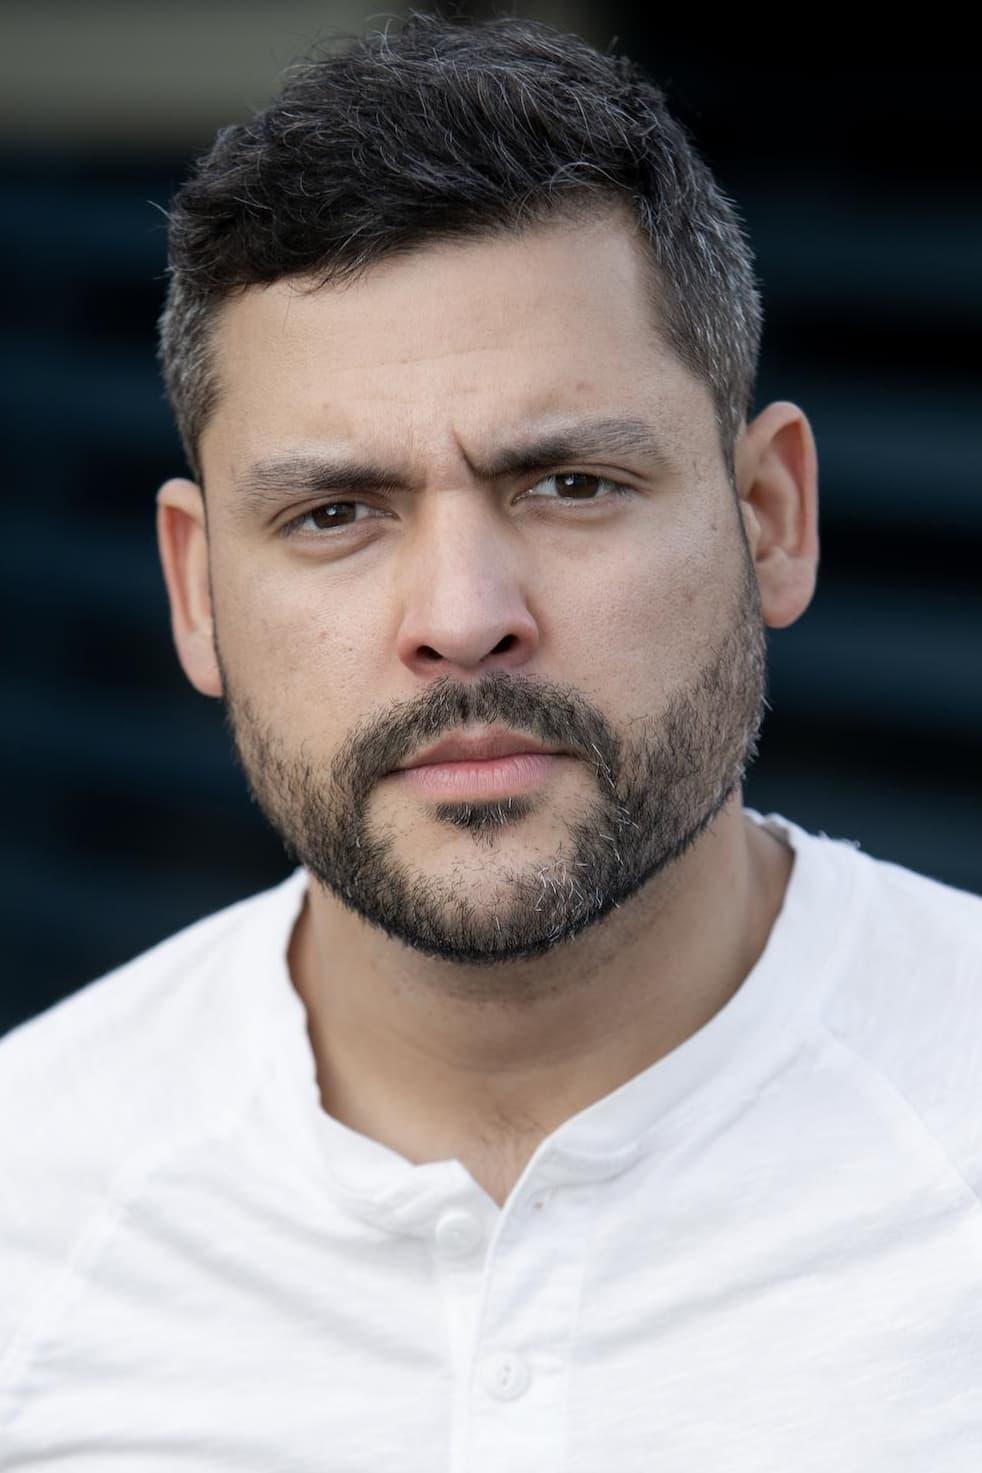 Kenneth Trujillo